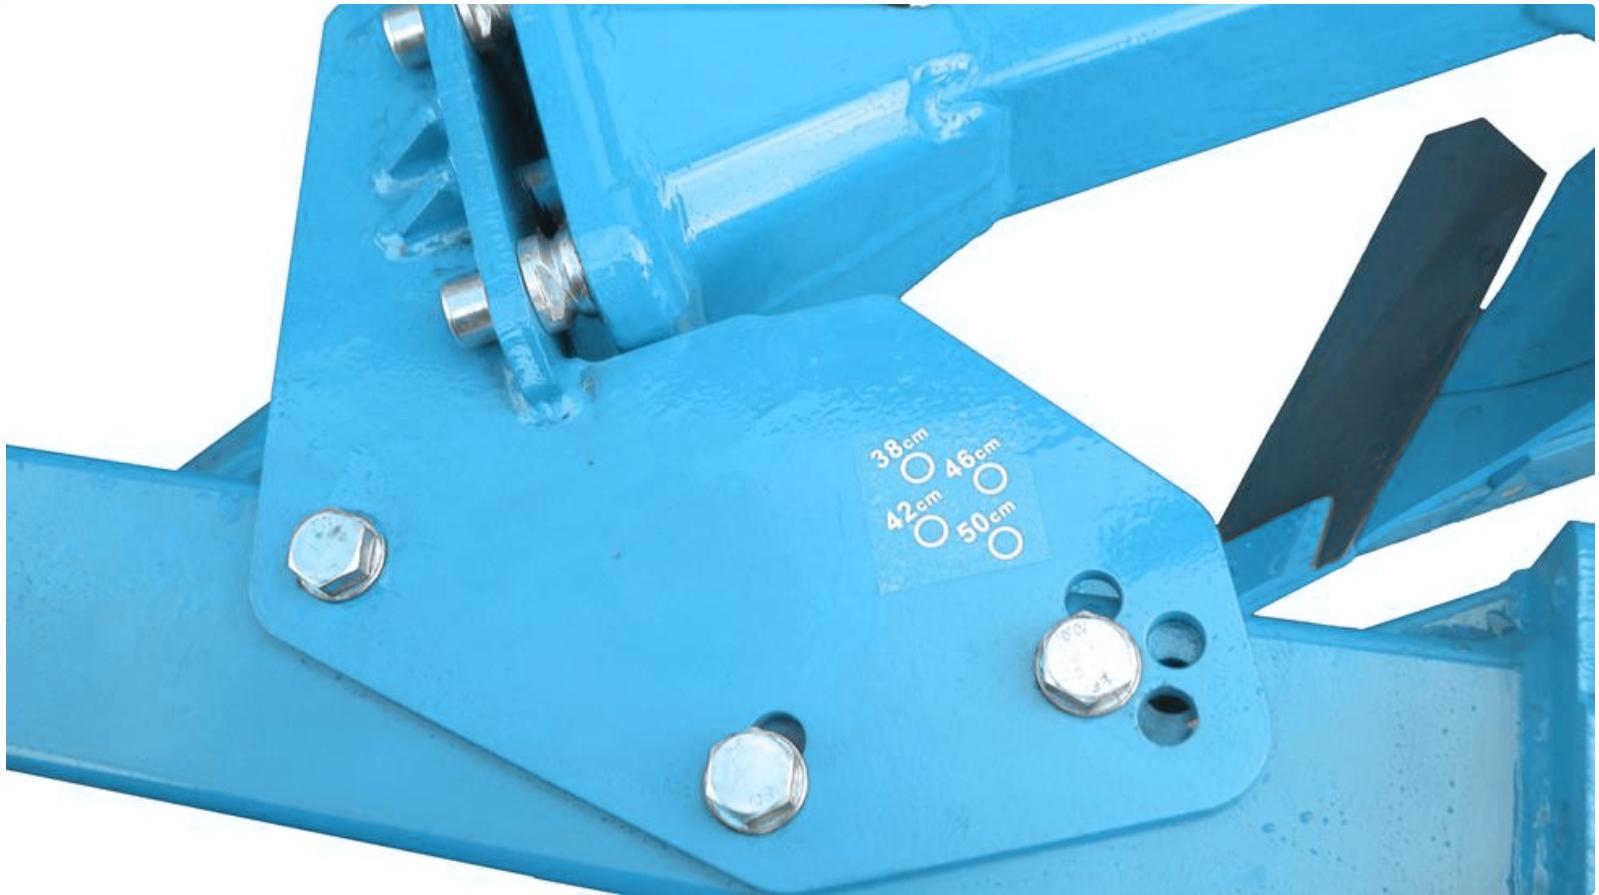 réglage mécanique largeur charrue Steimer